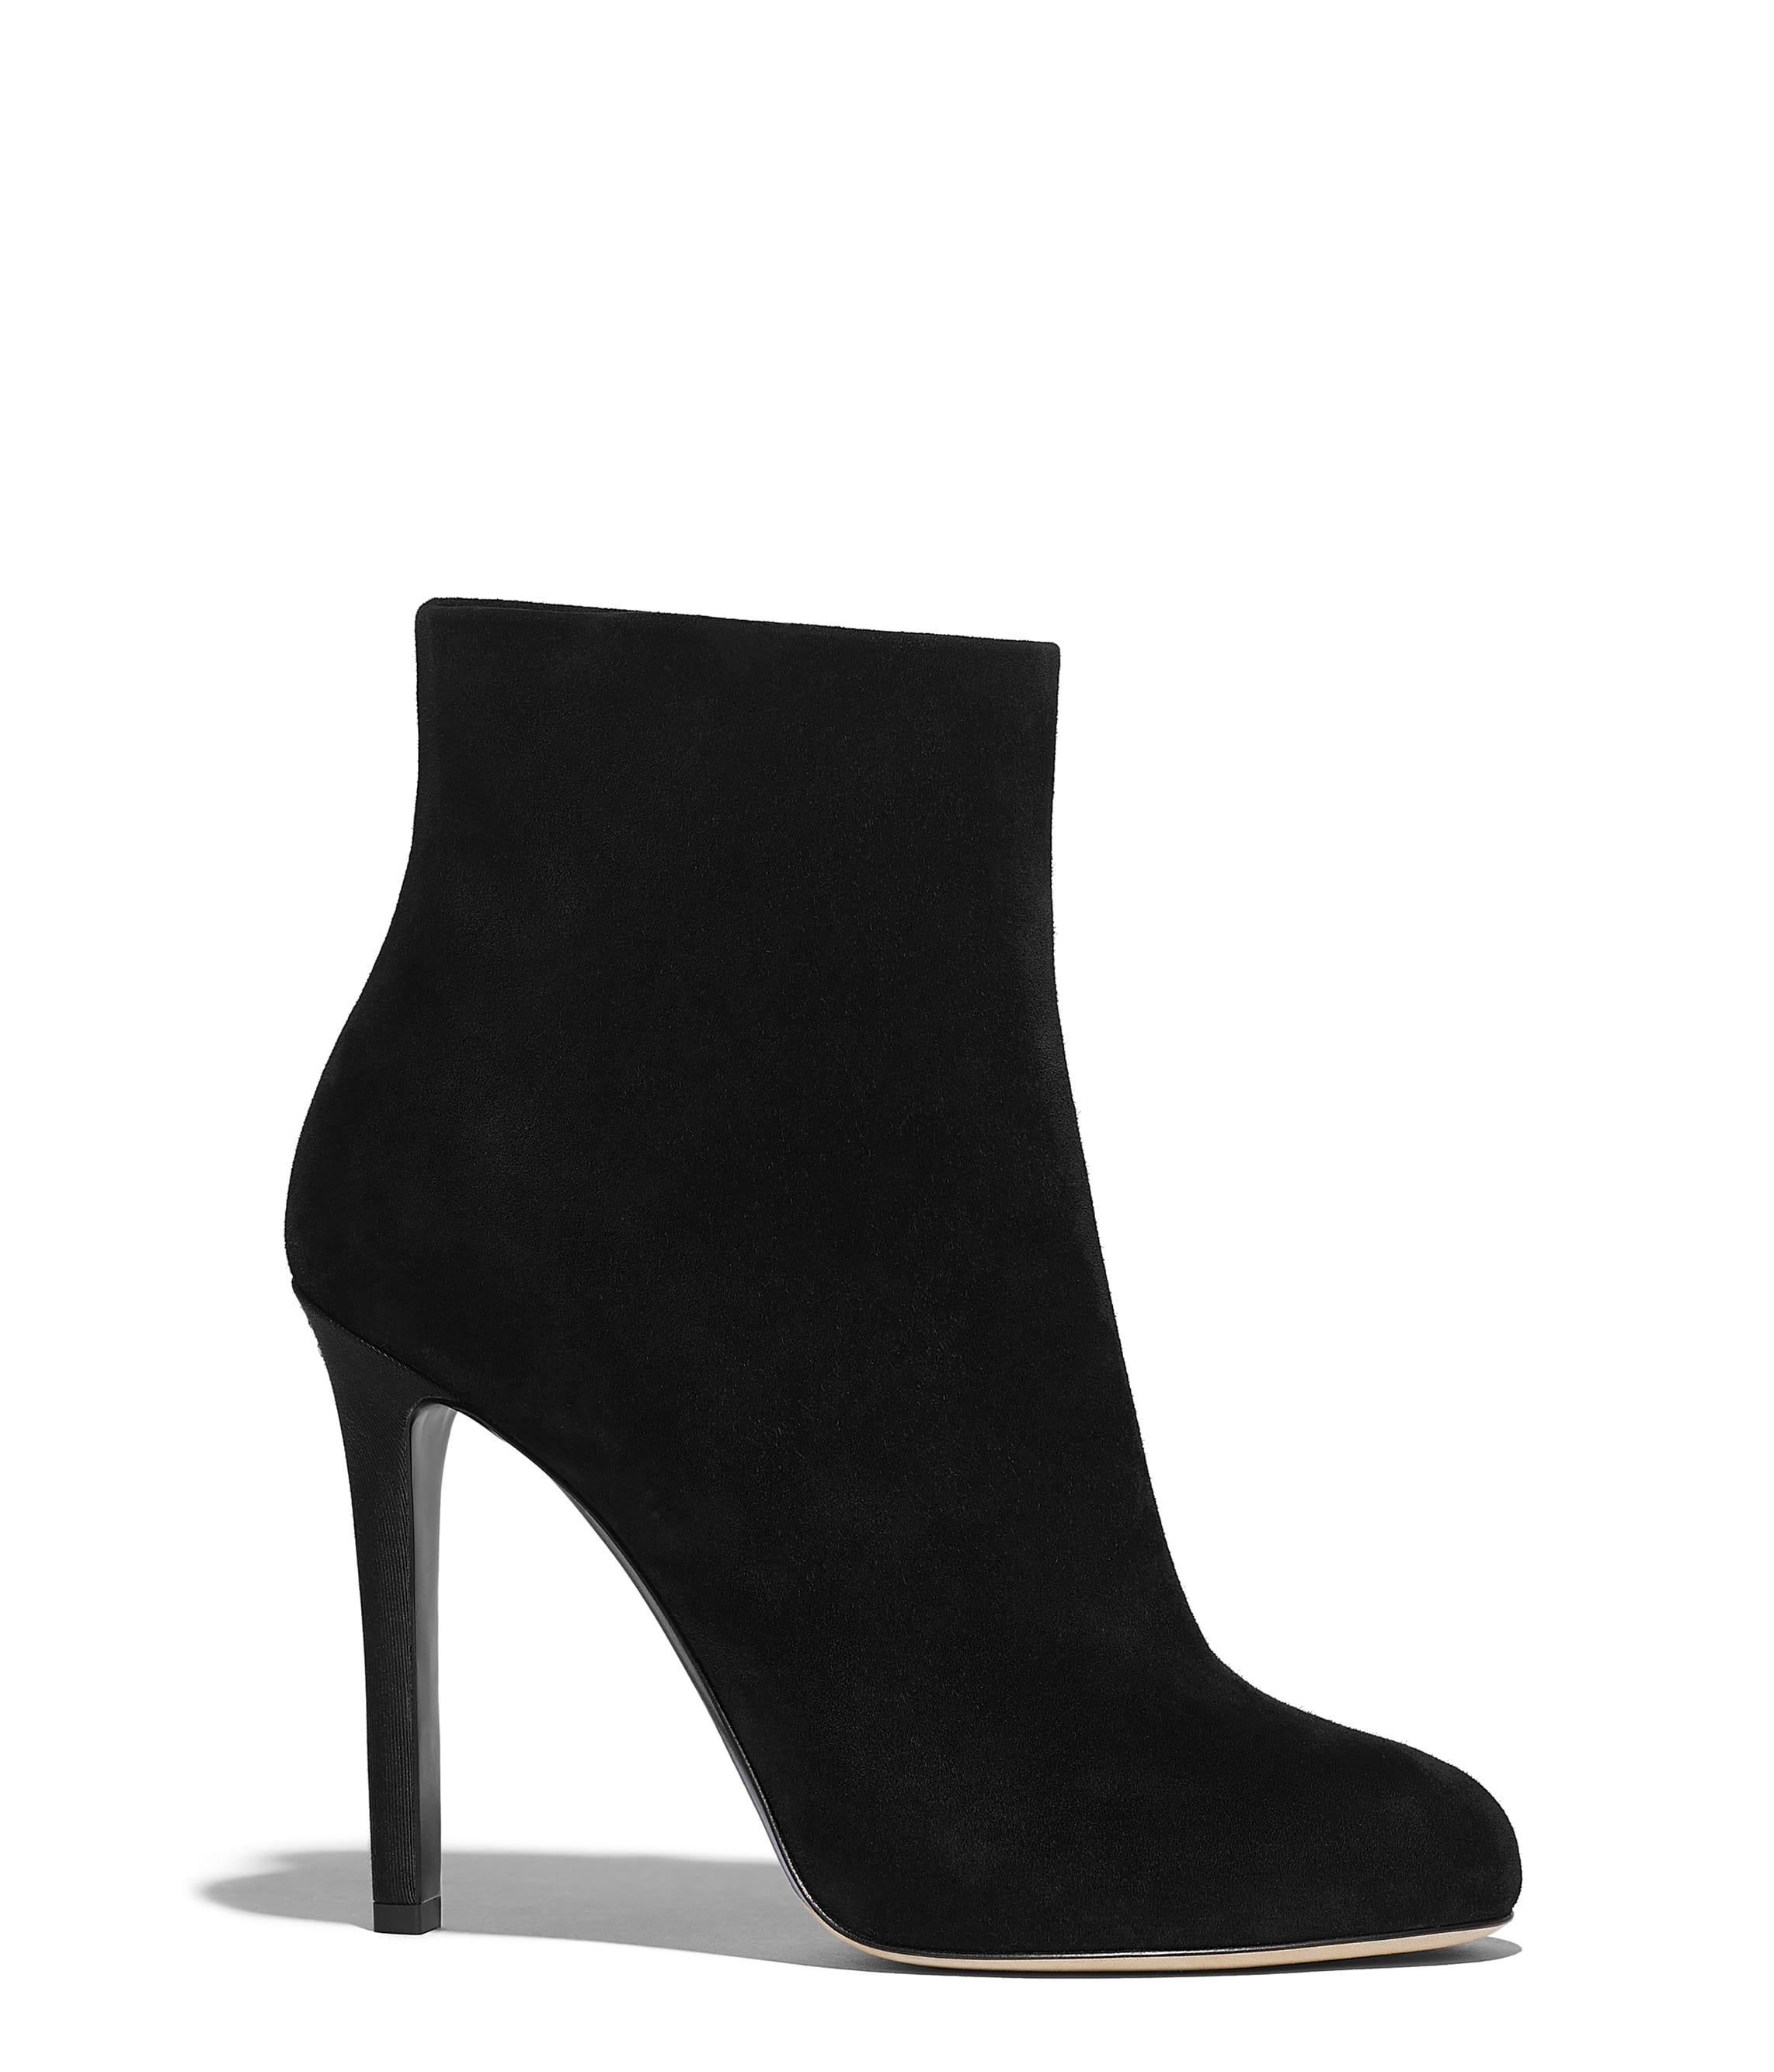 a0297ec41 Shoes - CHANEL